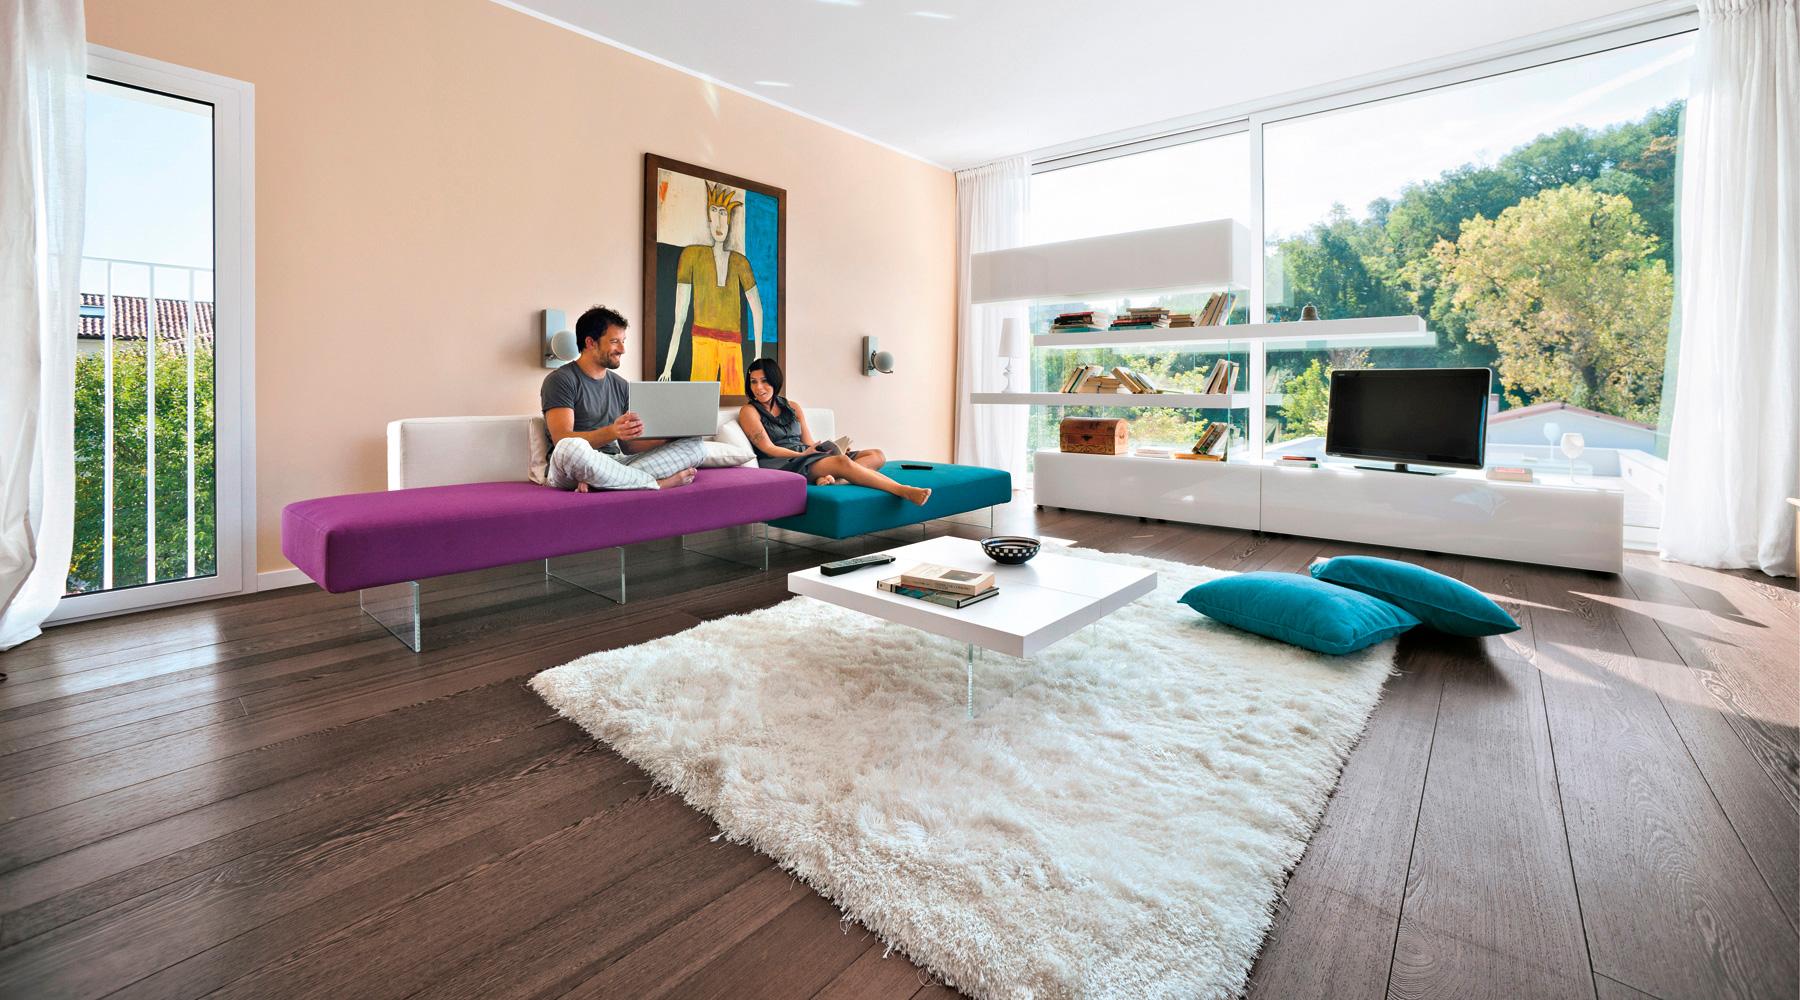 Delfanti arredamenti air divano for Outlet di mobili di design pittsburgh